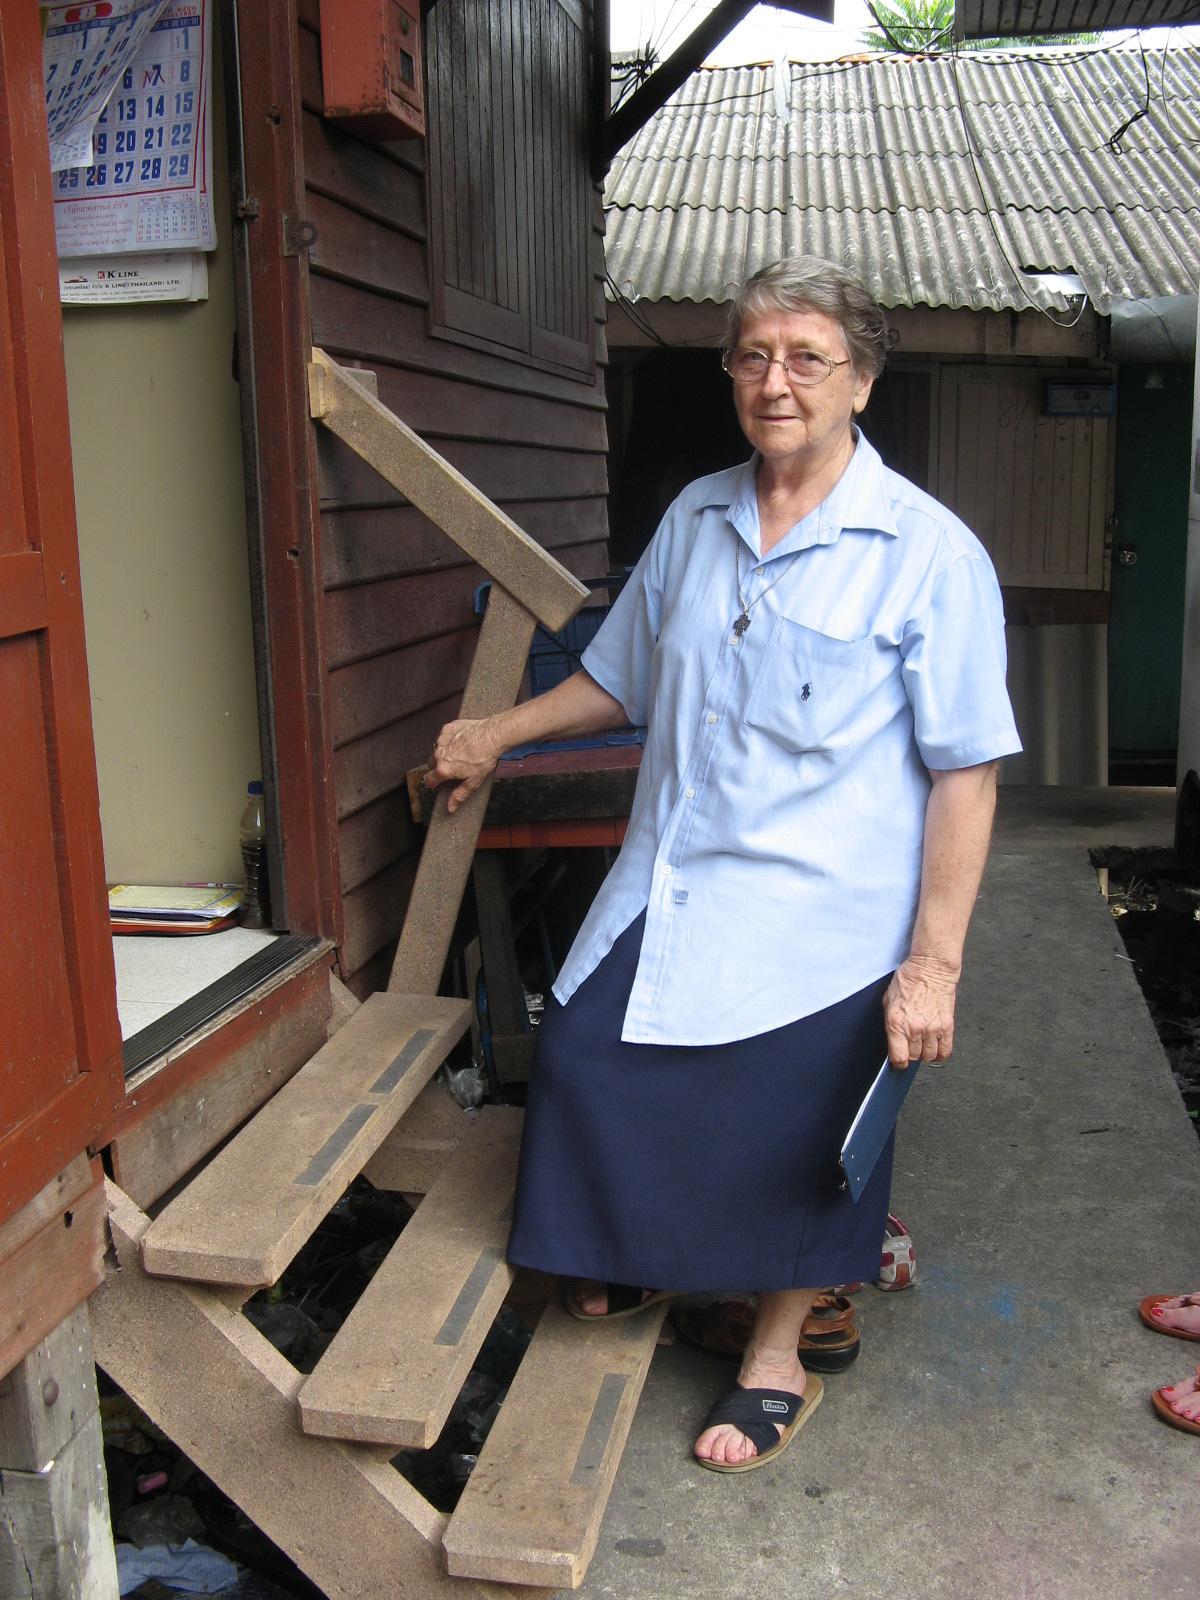 Joan Evans Charity Worker Wikipedia